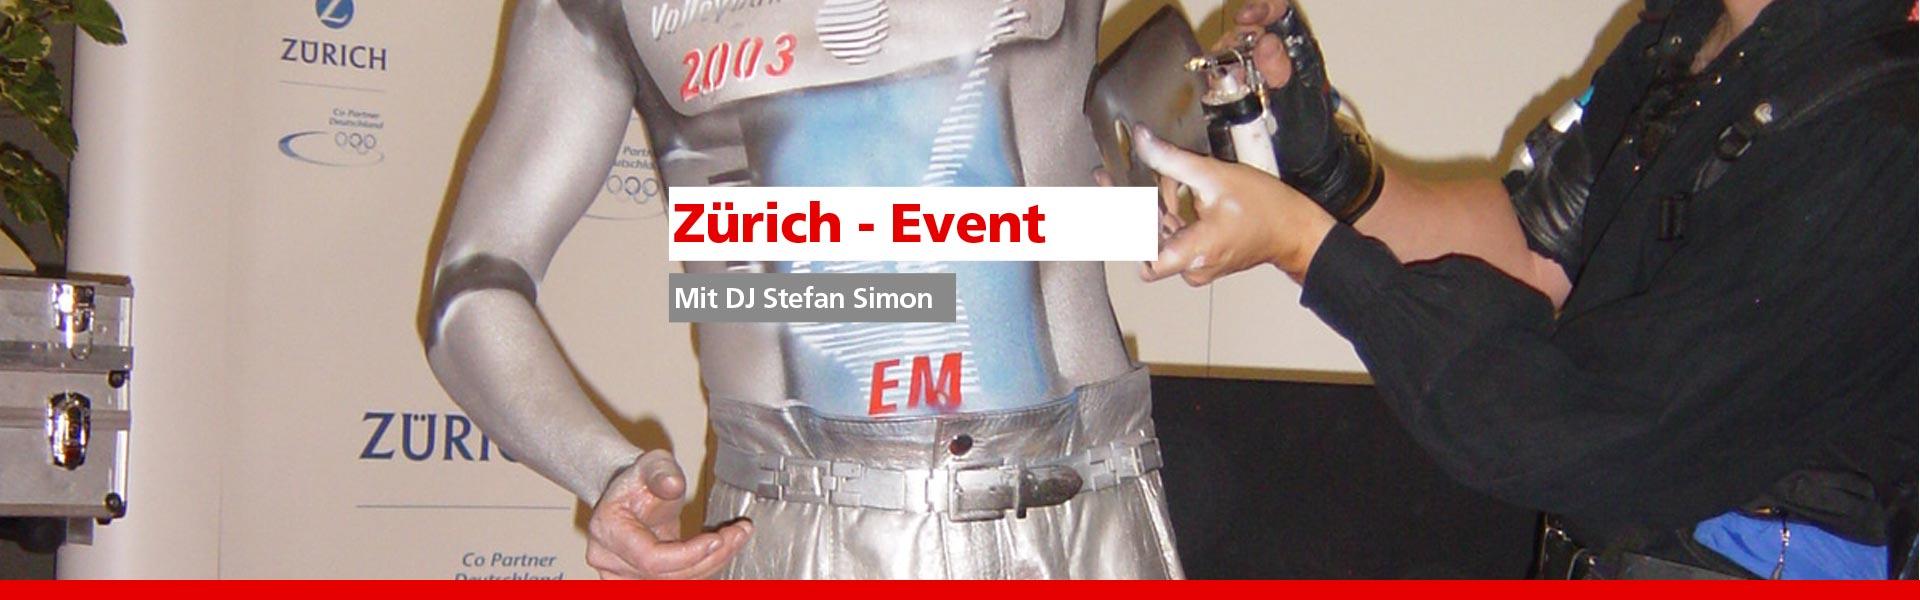 http://www.simonevents.de/wp-content/uploads/2014/02/Slider_1920x600px_Events-NEU-2.jpg